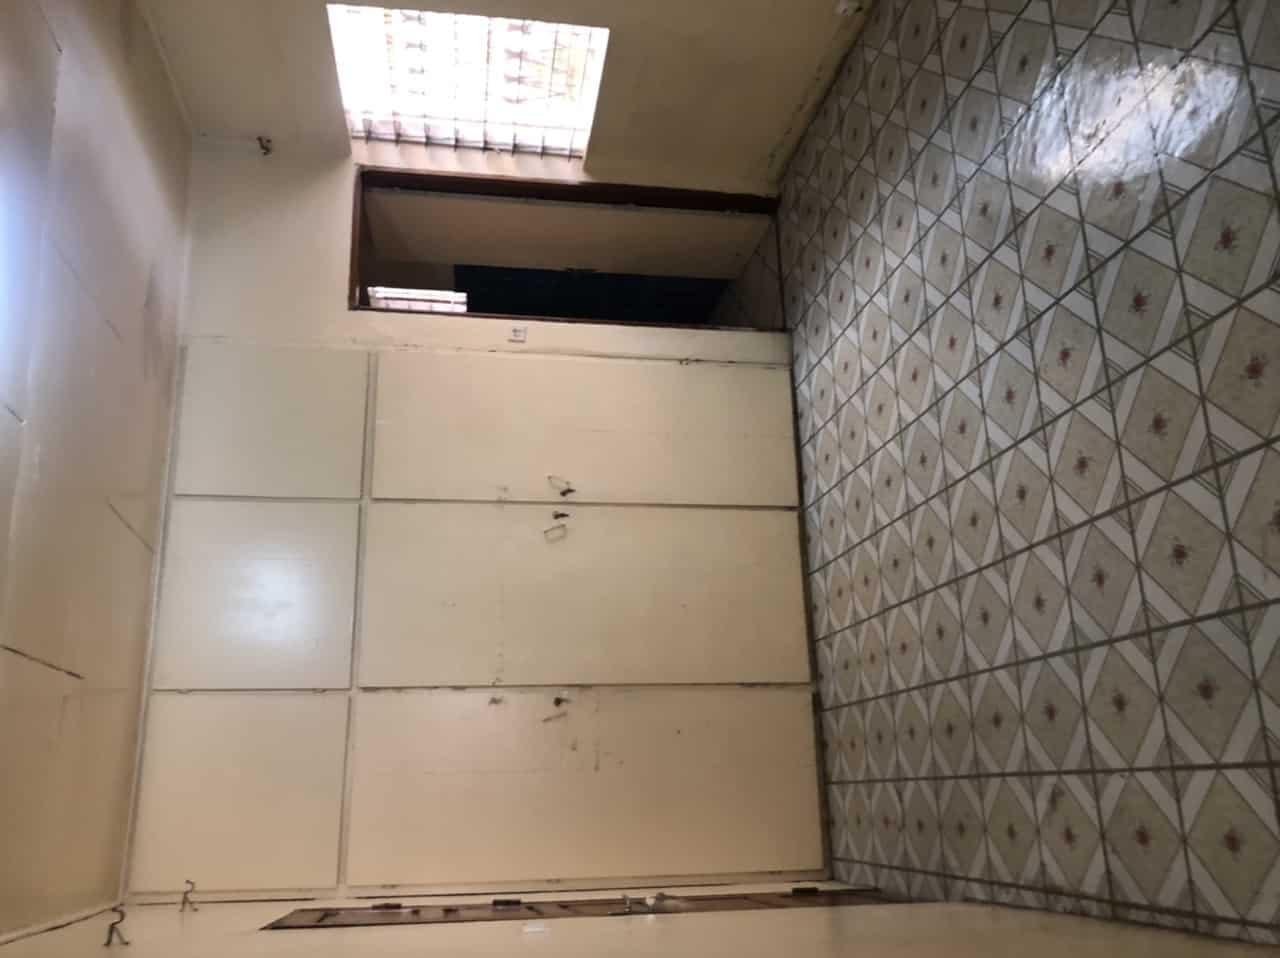 House (Villa) to rent - Yaoundé, Bastos, Nouvelle route Bastos - 2 living room(s), 3 bedroom(s), 3 bathroom(s) - 500 000 FCFA / month